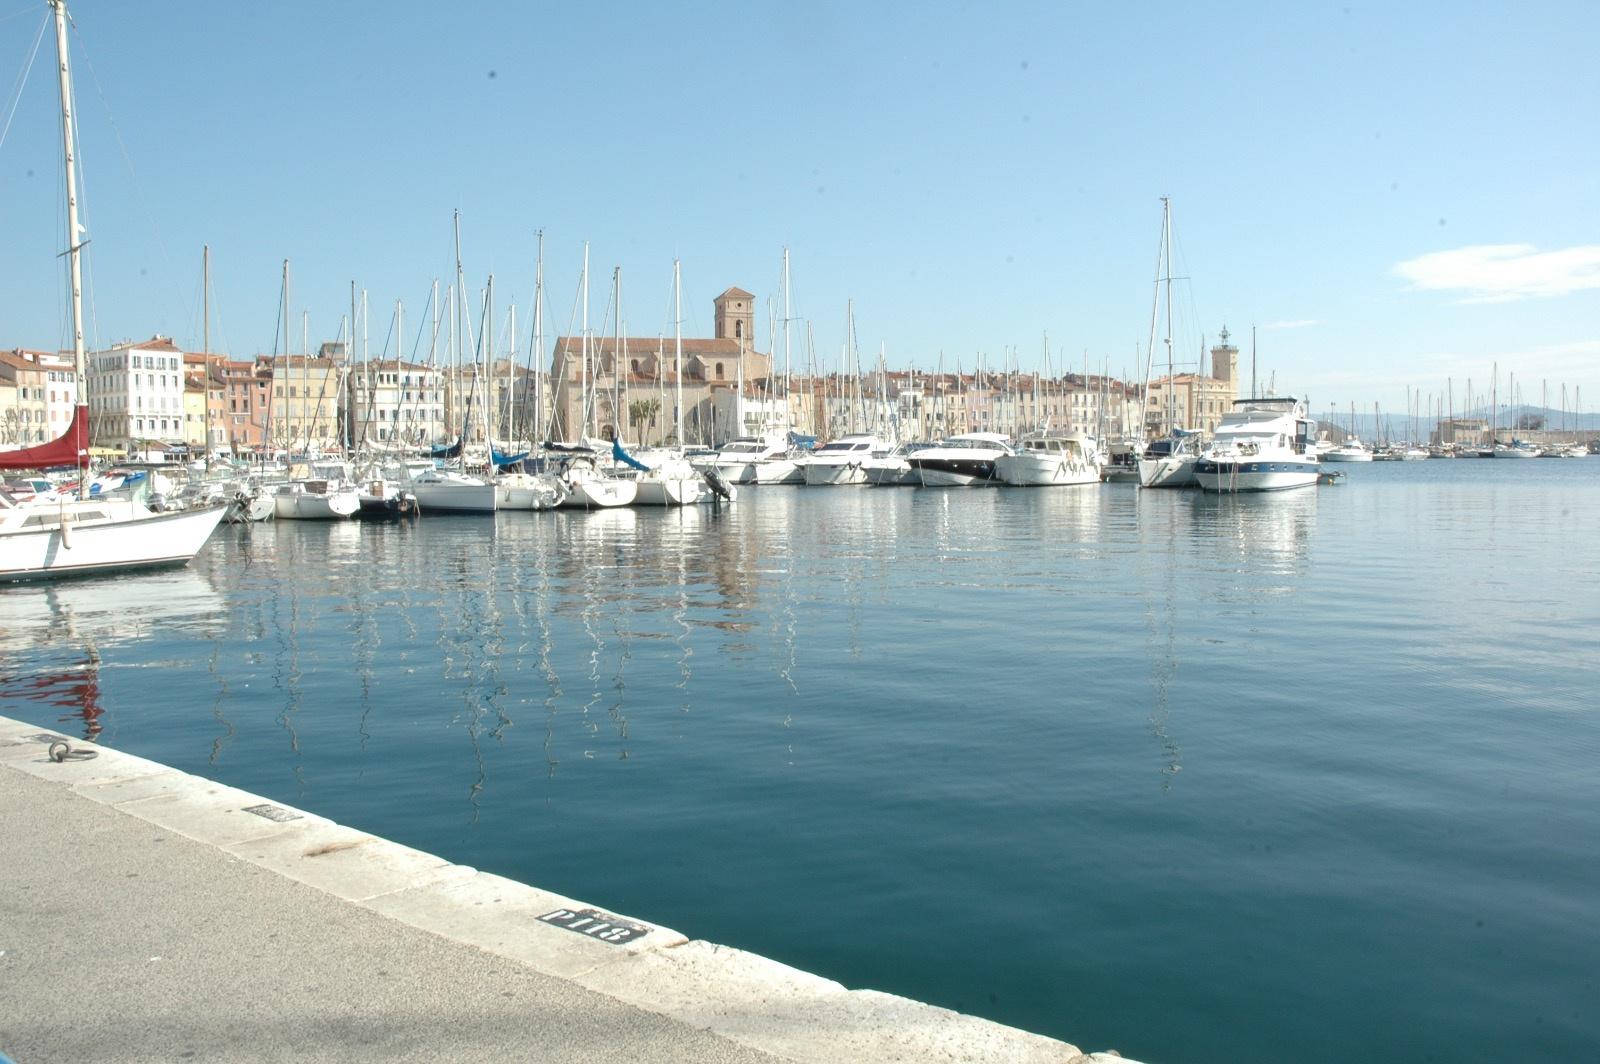 Vente immobilier professionnel fonds de commerce restaurant port de la ciotat - Restaurant port la ciotat ...